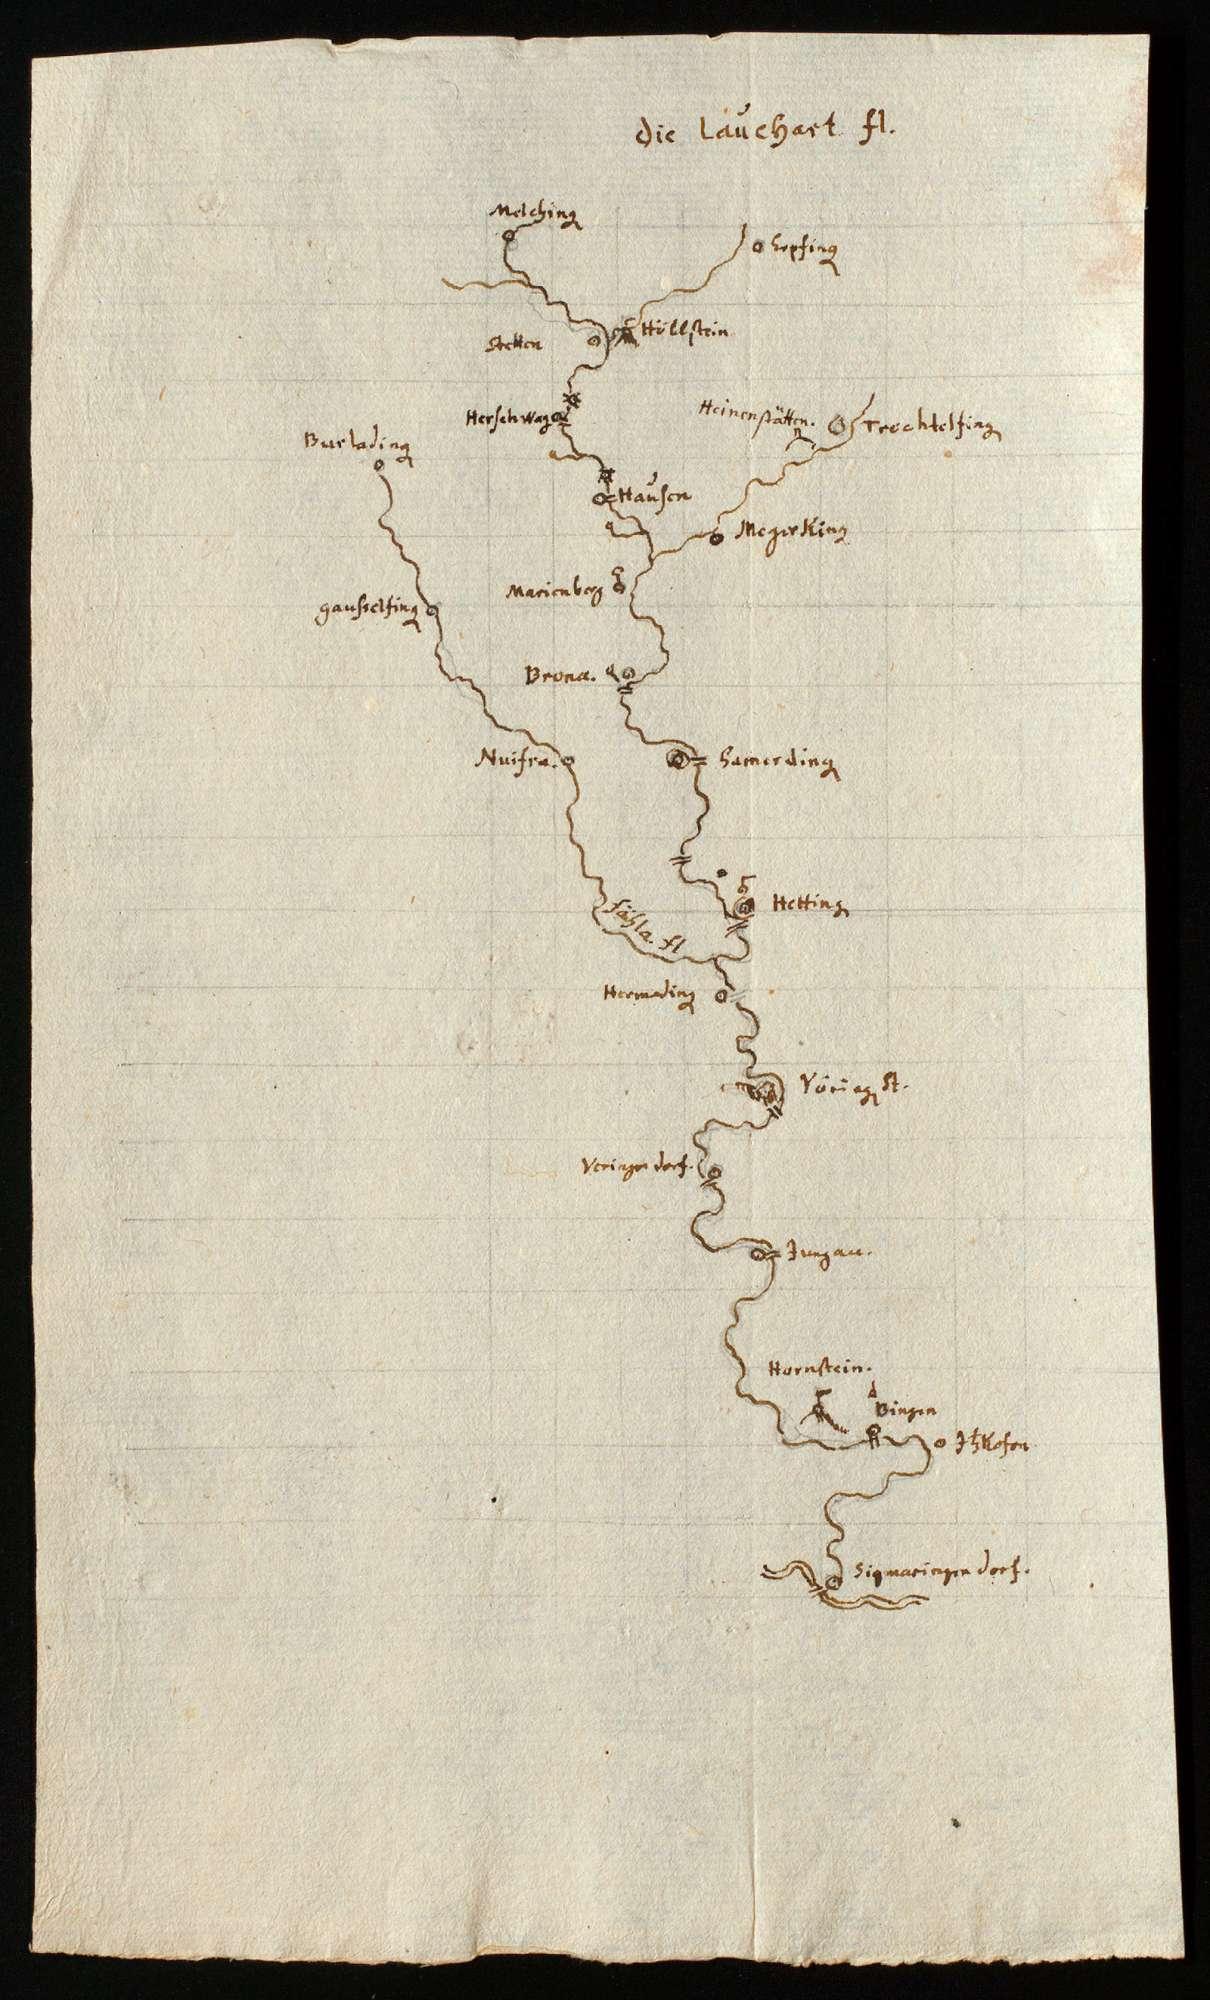 """[Karte der Lauchert vom Ursprung bis zur Mündung] """"Die Lauchert fl."""", Bild 1"""